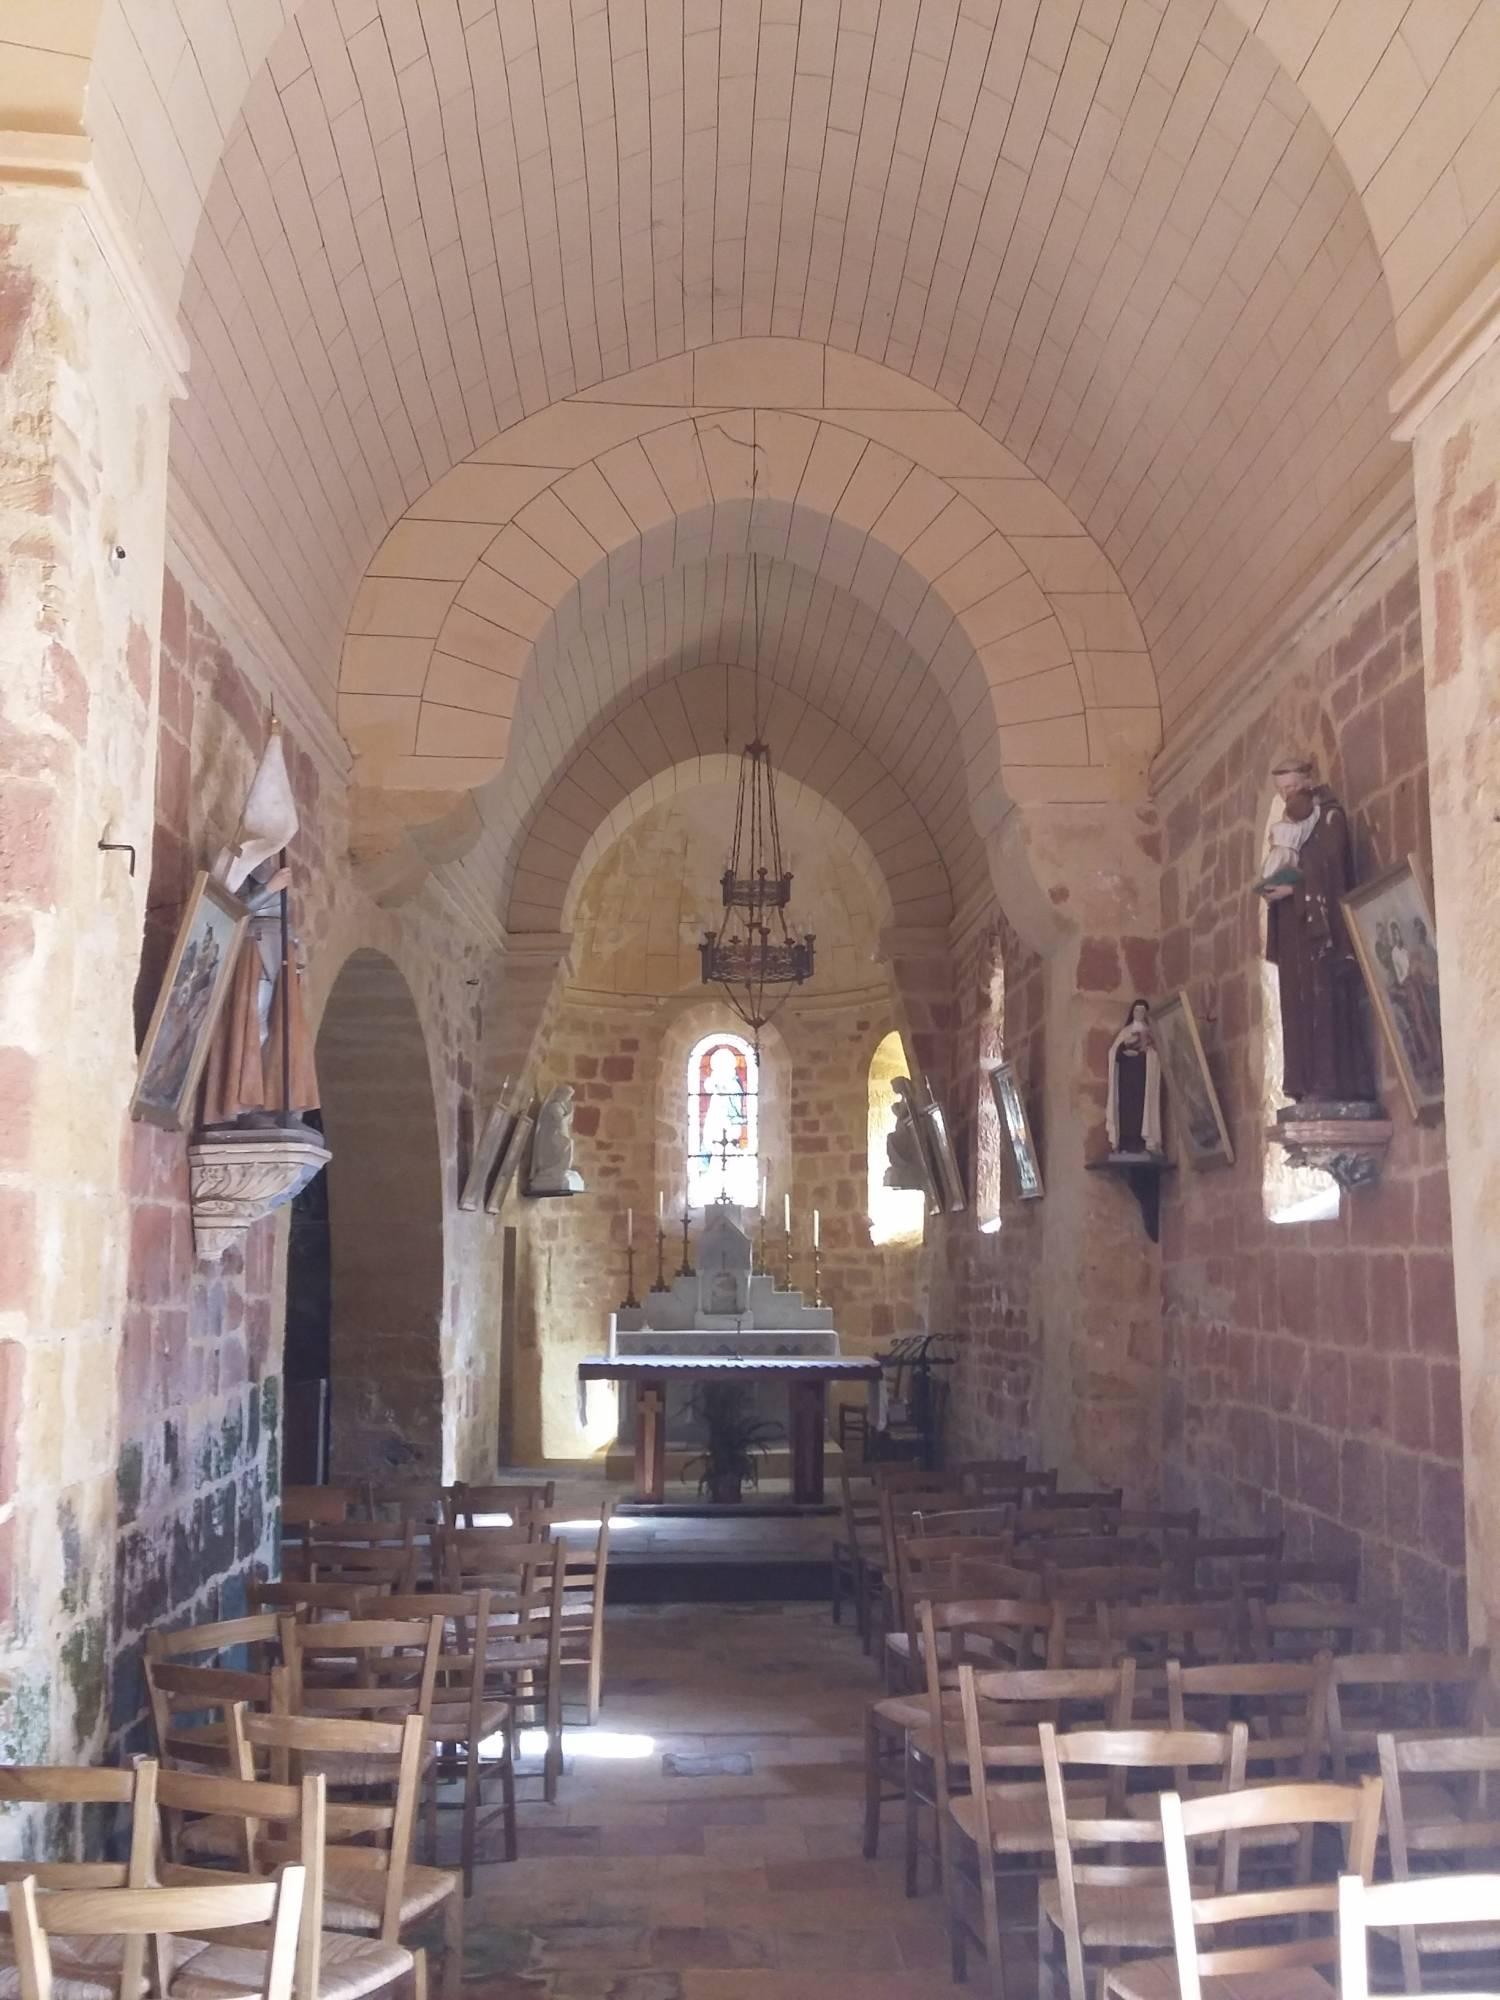 Lolme (24) Eglise Notre-Dame-de-la-Nativité - La Sauvegarde de l'Art Français